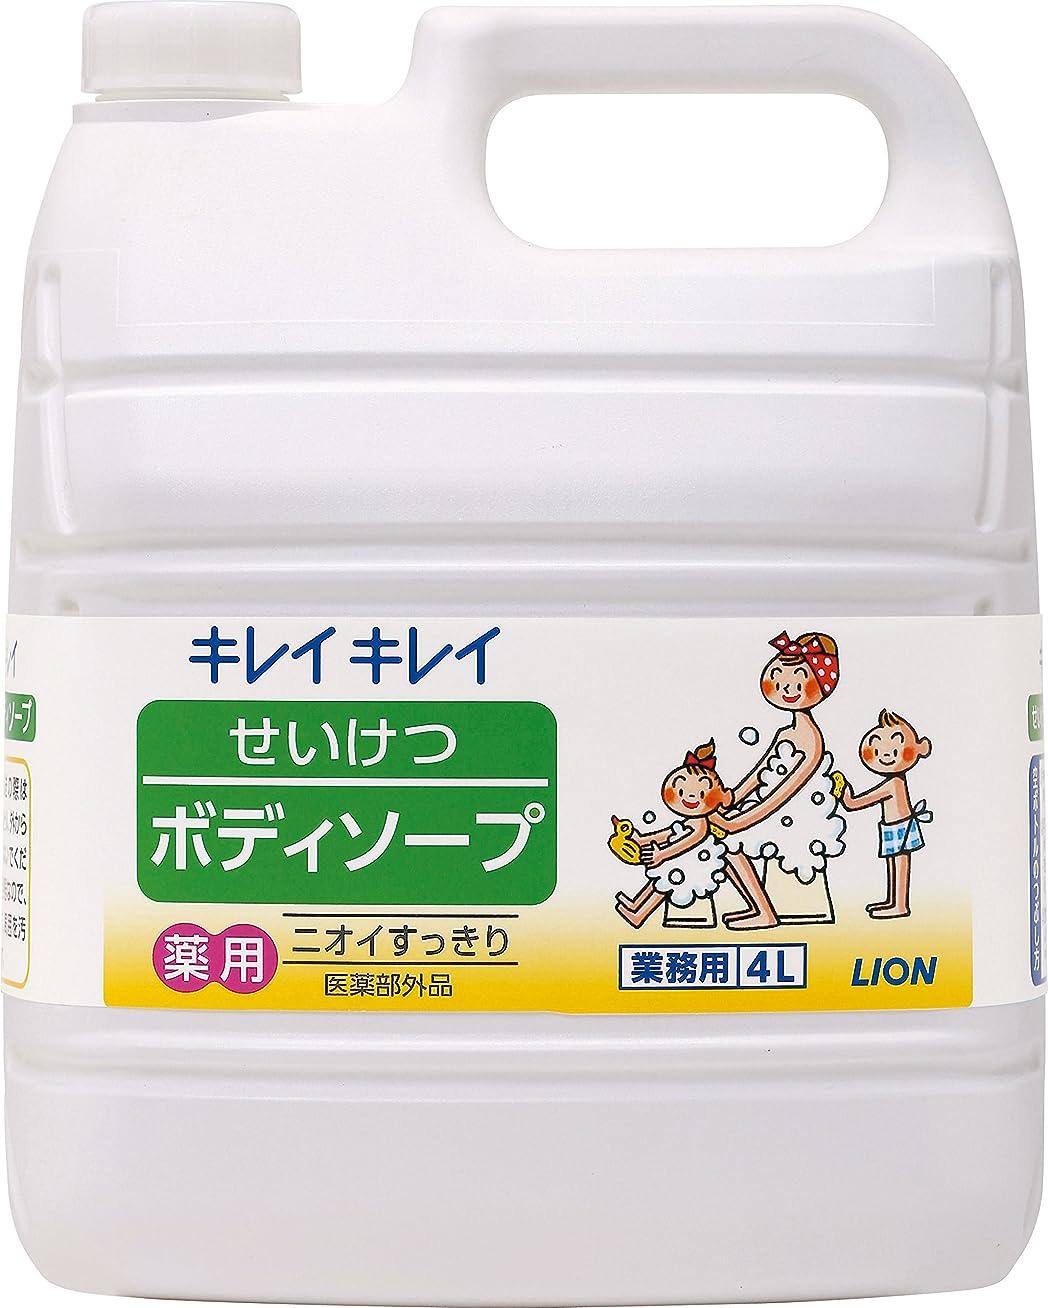 近似決定ポーズ【業務用 大容量】キレイキレイ せいけつボディソープ さわやかなレモン&オレンジの香り 4L(医薬部外品)